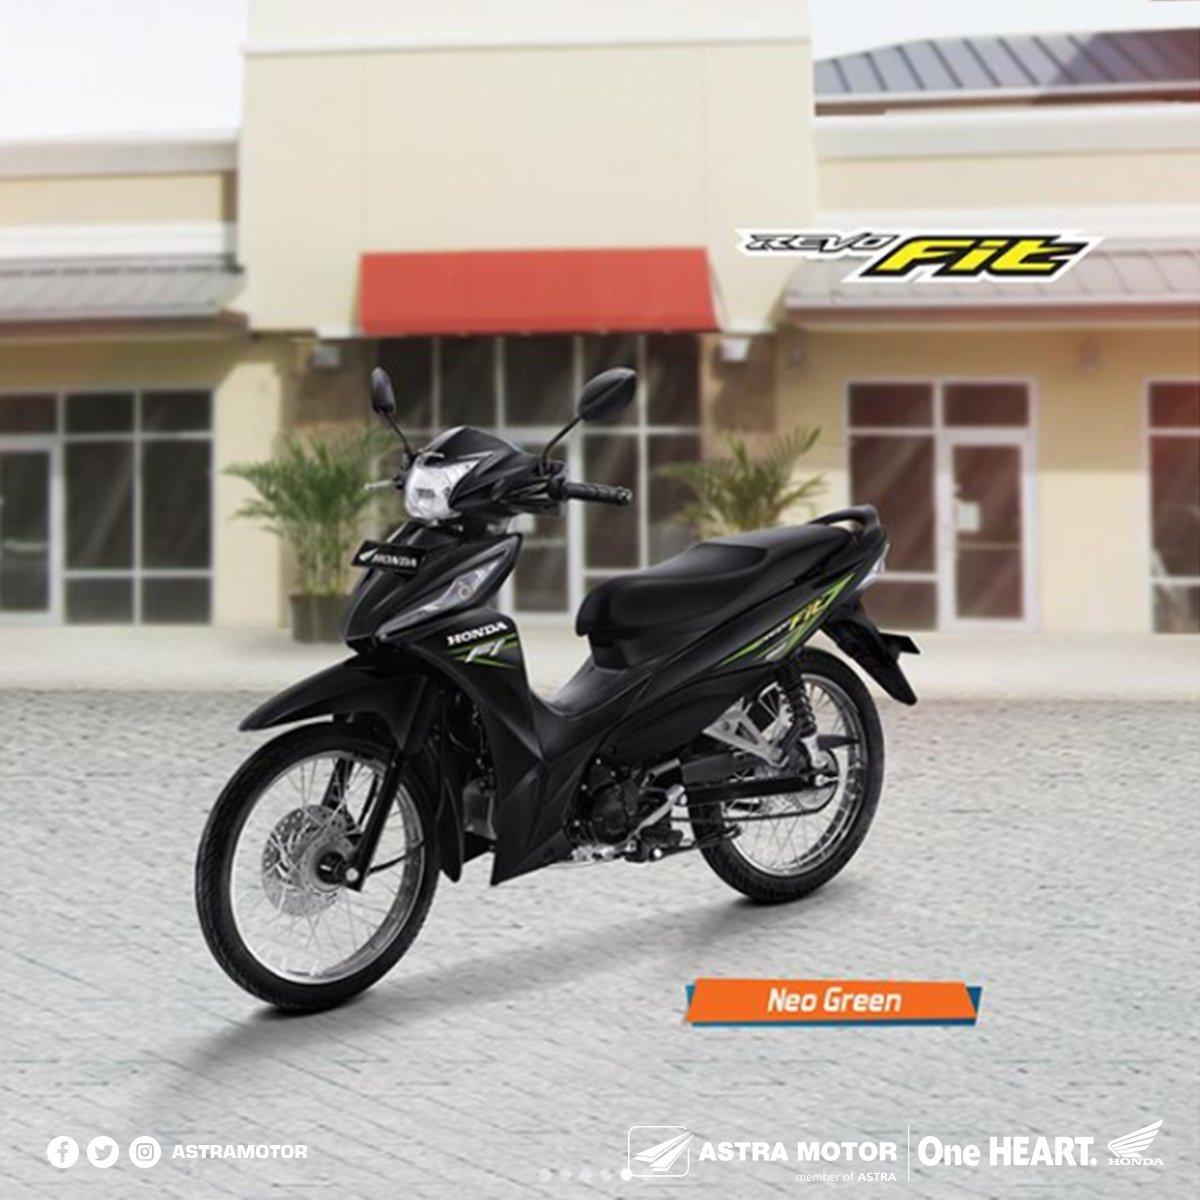 Honda Revo Fit Neo Green Daftar Harga Terbaru Terlengkap Indonesia X Cosmic White Purbalingga Raving Red Khusus Daerah Depok Dan Sekitarnya